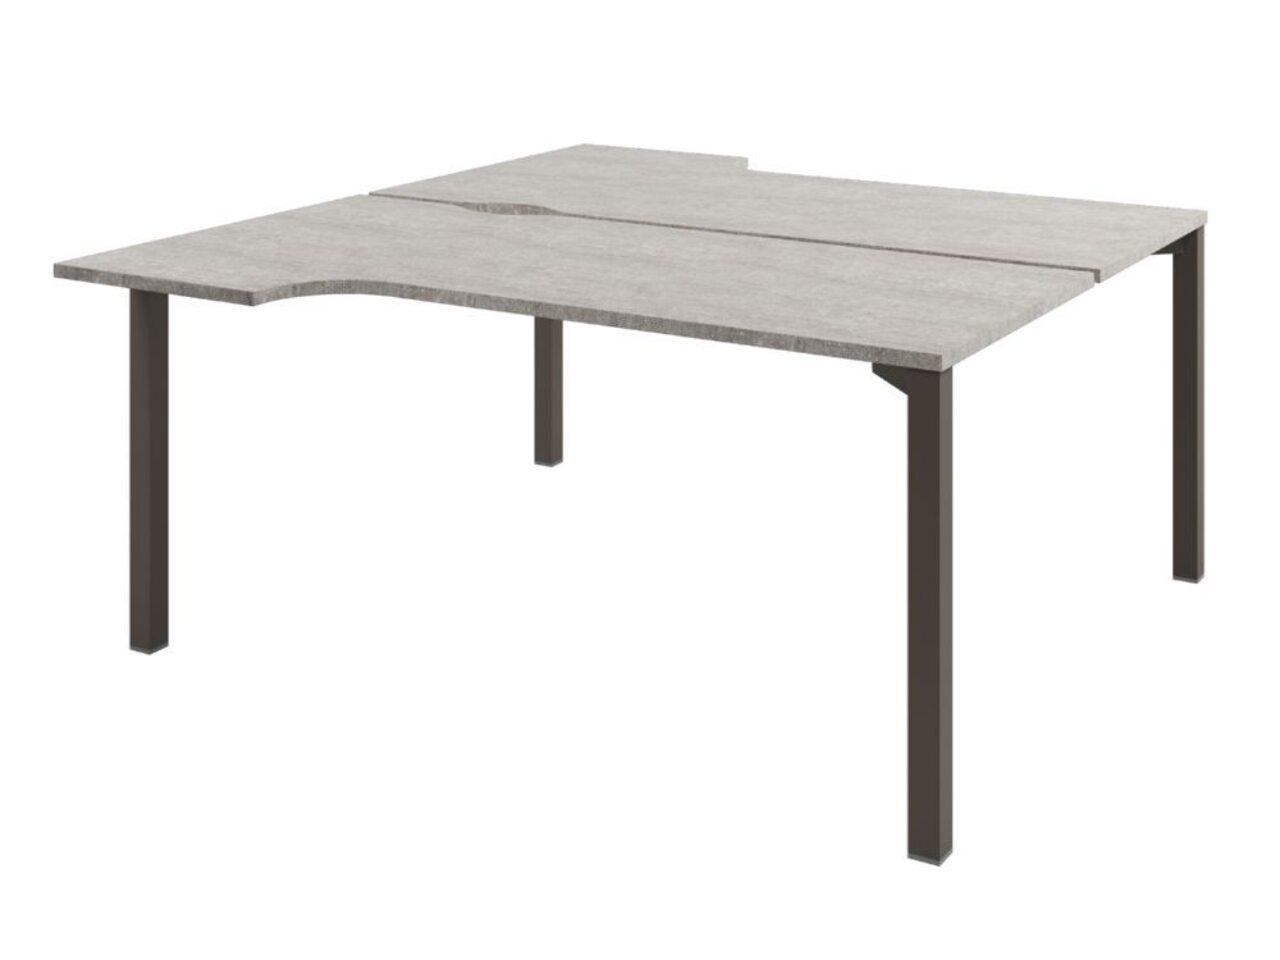 Стол-тандем на металлокаркасе  Solution 160x143x75 - фото 3